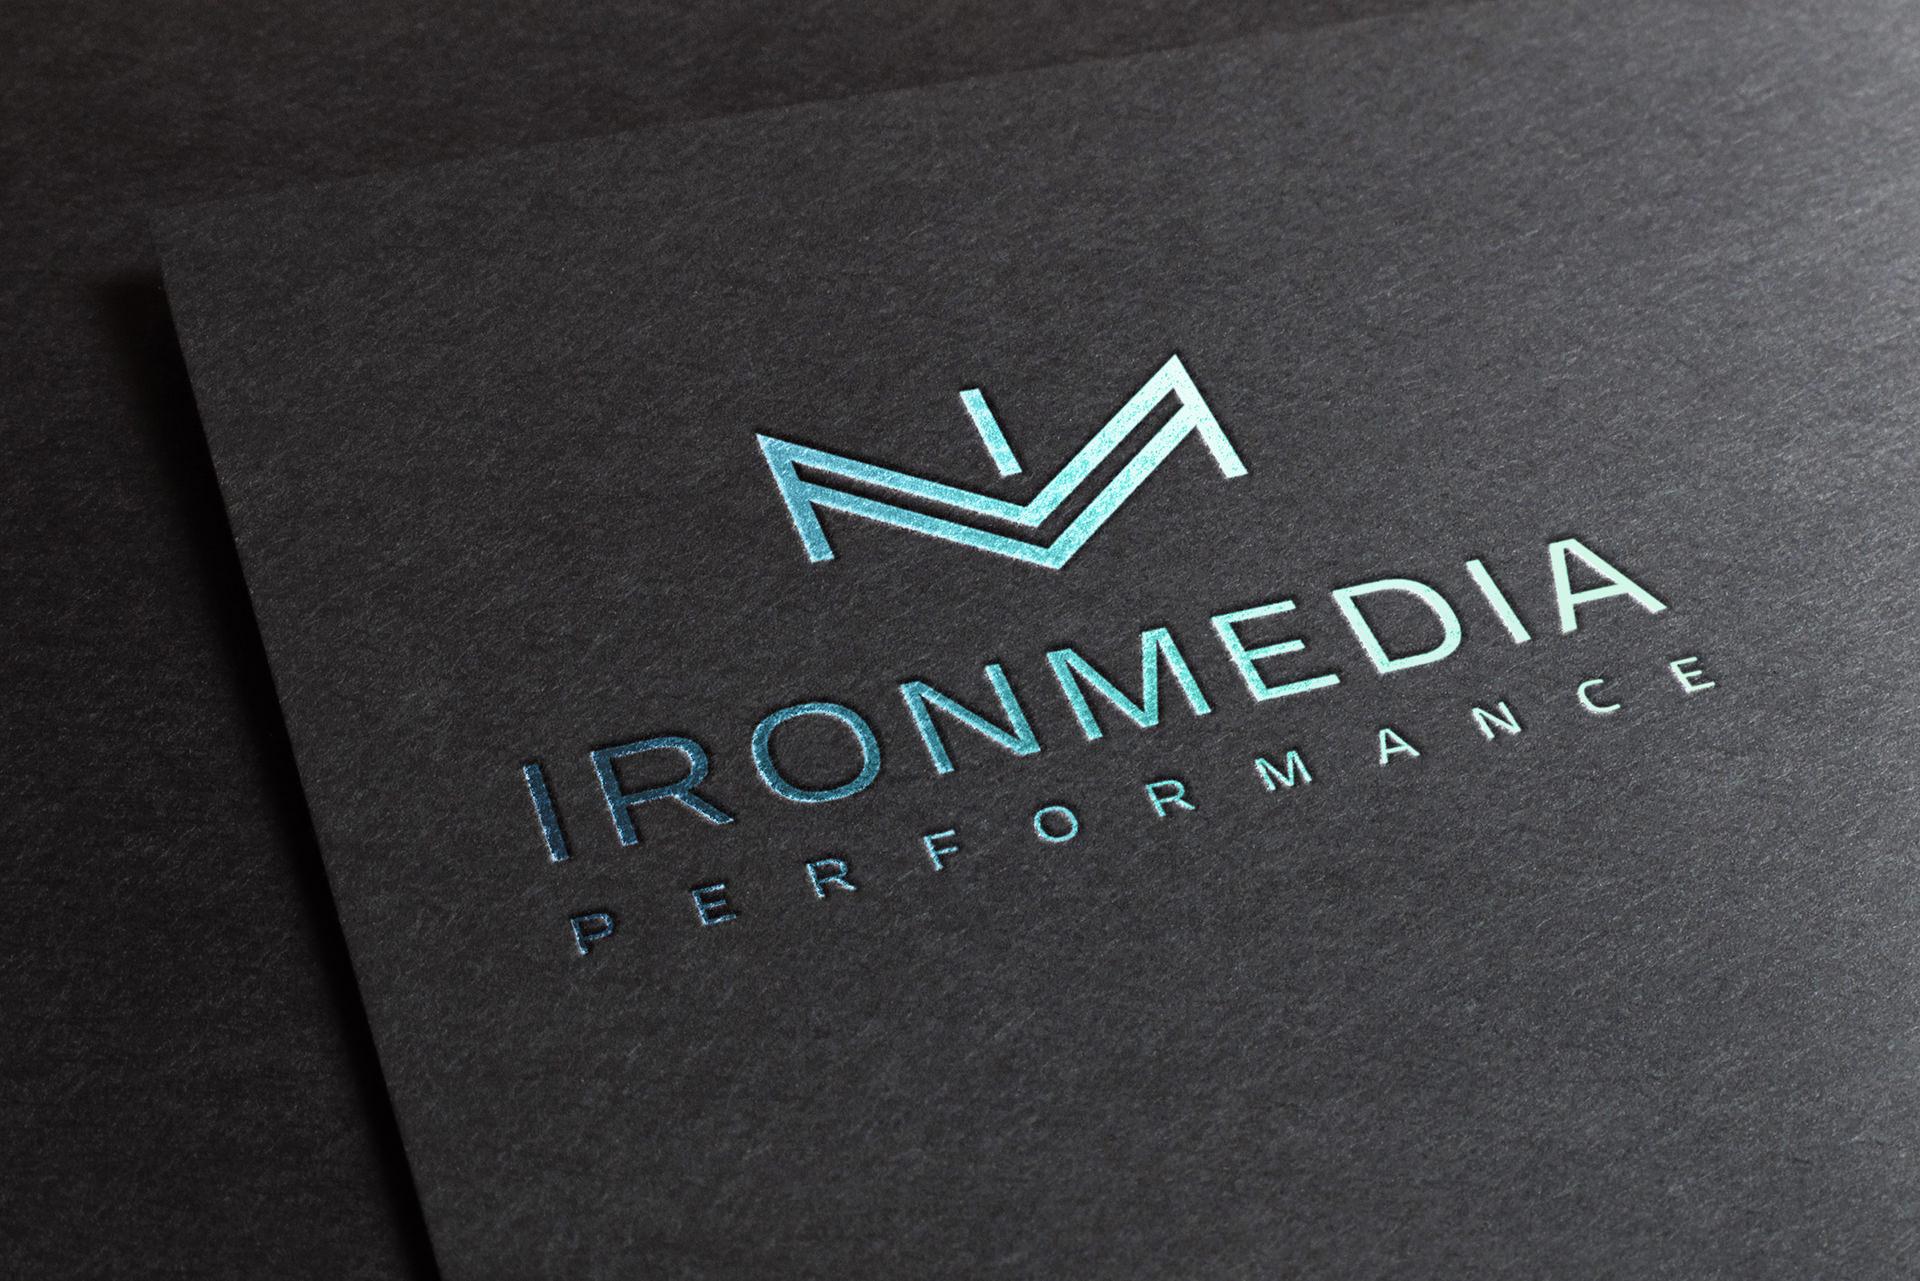 Frey und Meute - Iron Media - logo